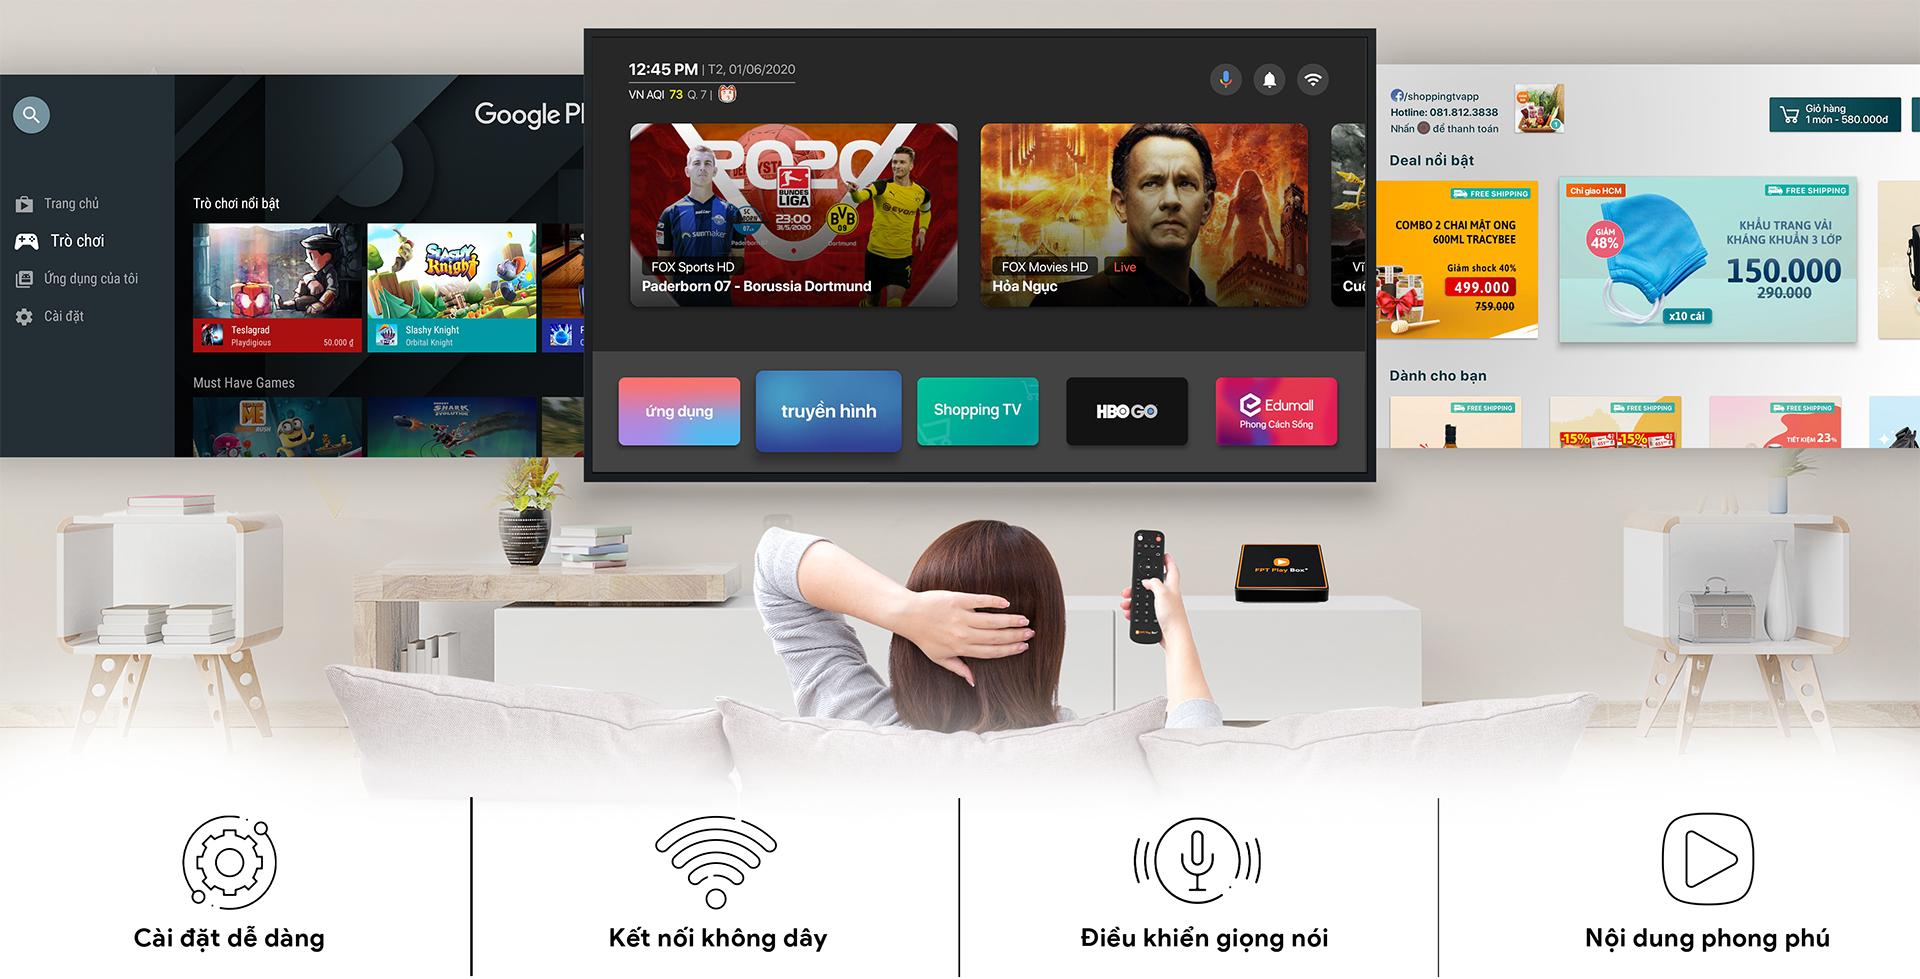 FPT Play HD đa dạng tính năng hiện đại, đường truyền ổn định